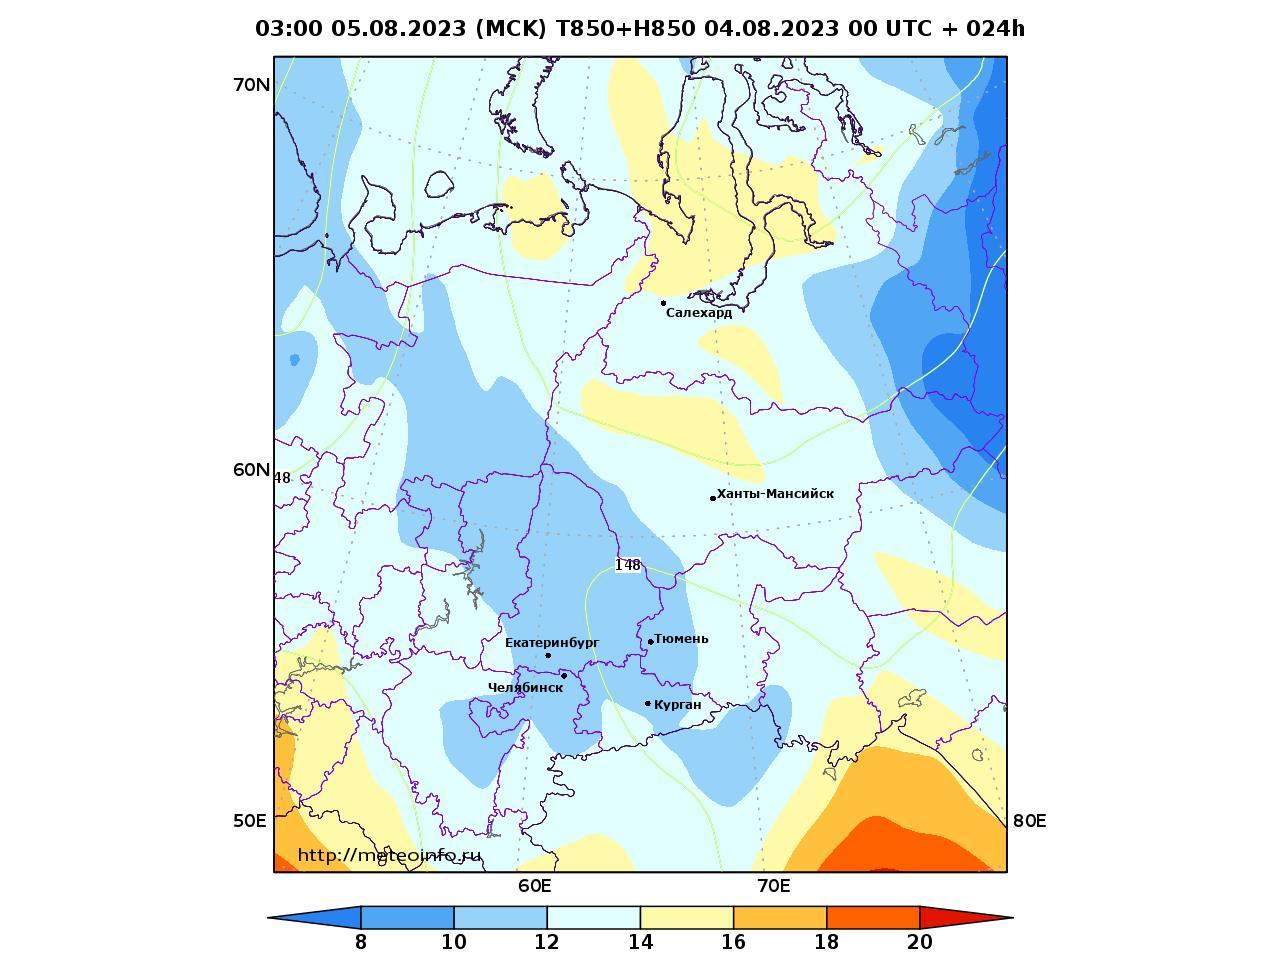 Уральский Федеральный округ, прогностическая карта температура T850 и геопотенциал H850, заблаговременность прогноза 24 часа